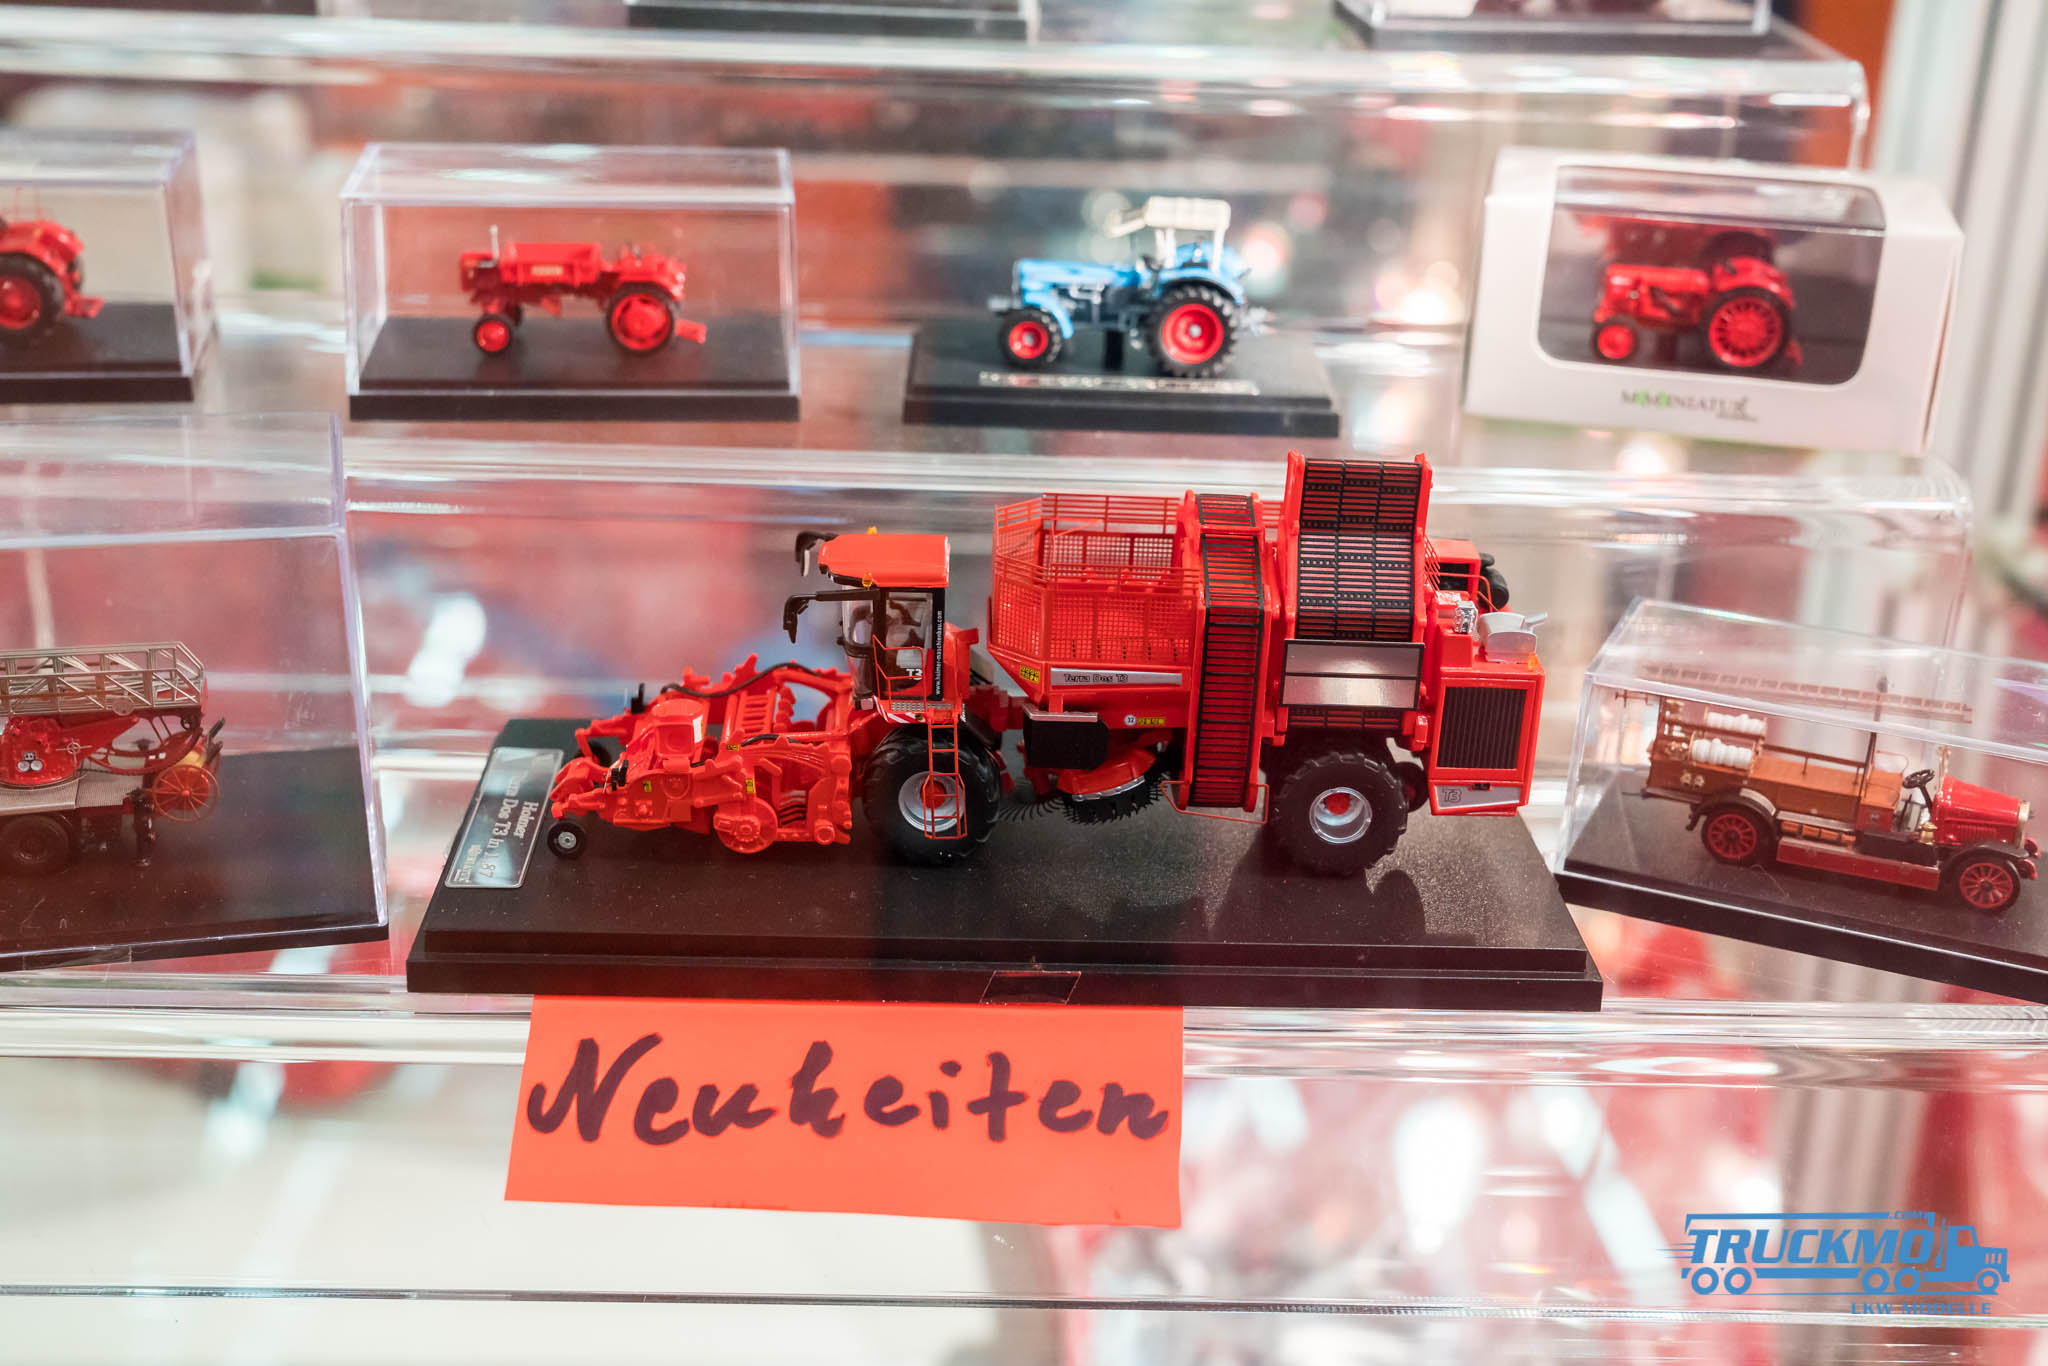 Truckmo_Modellbau_Ried_2017_Herpa_Messe_Modellbauausstellung (48 von 1177)